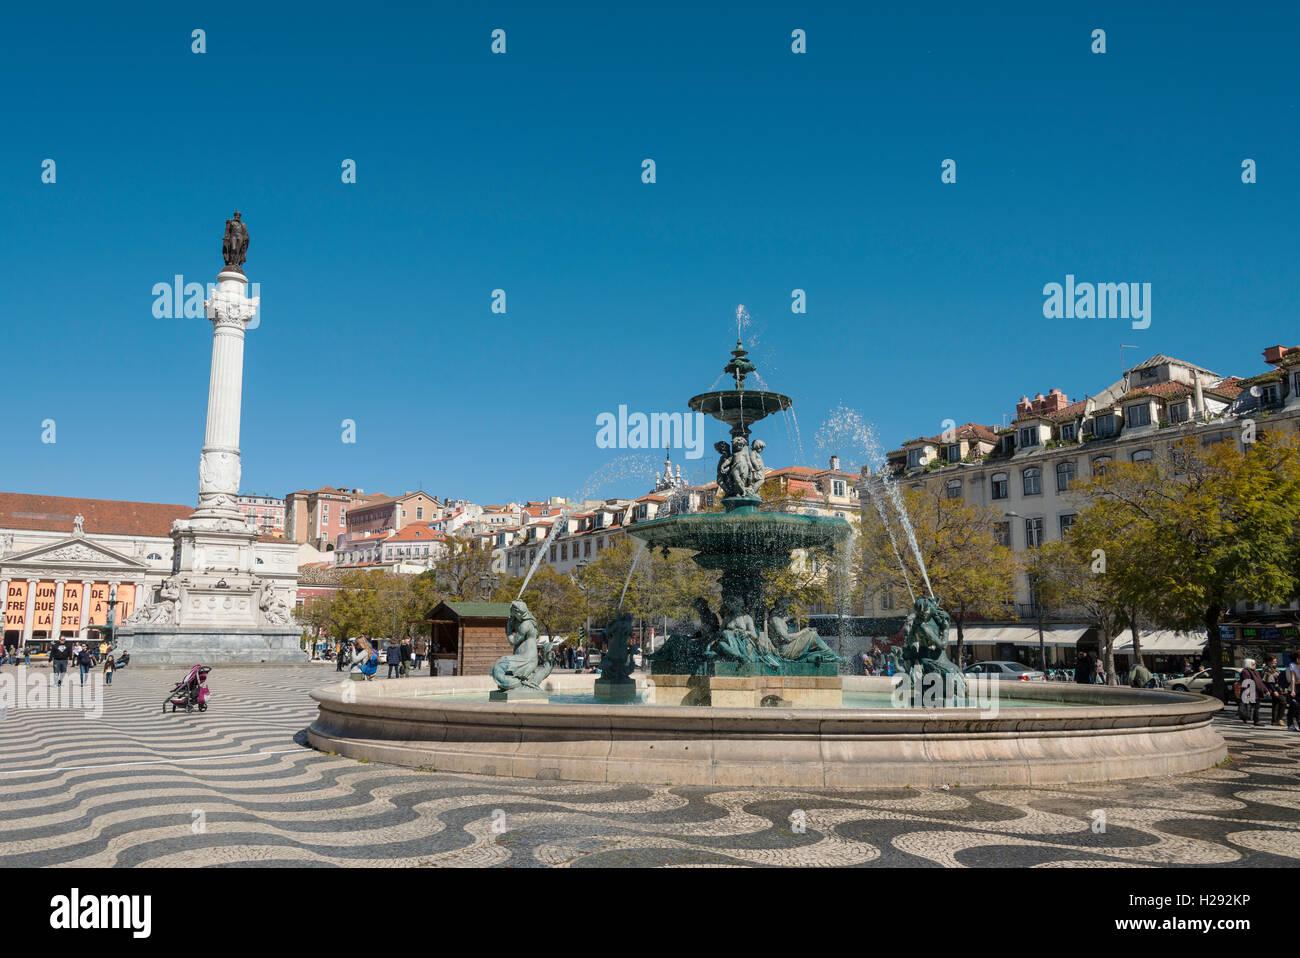 Fuente, fuente de bronce con monumento Dom Pedro IV, en el Teatro Nacional, La Plaza de Rossio, Lisboa, Portugal Imagen De Stock